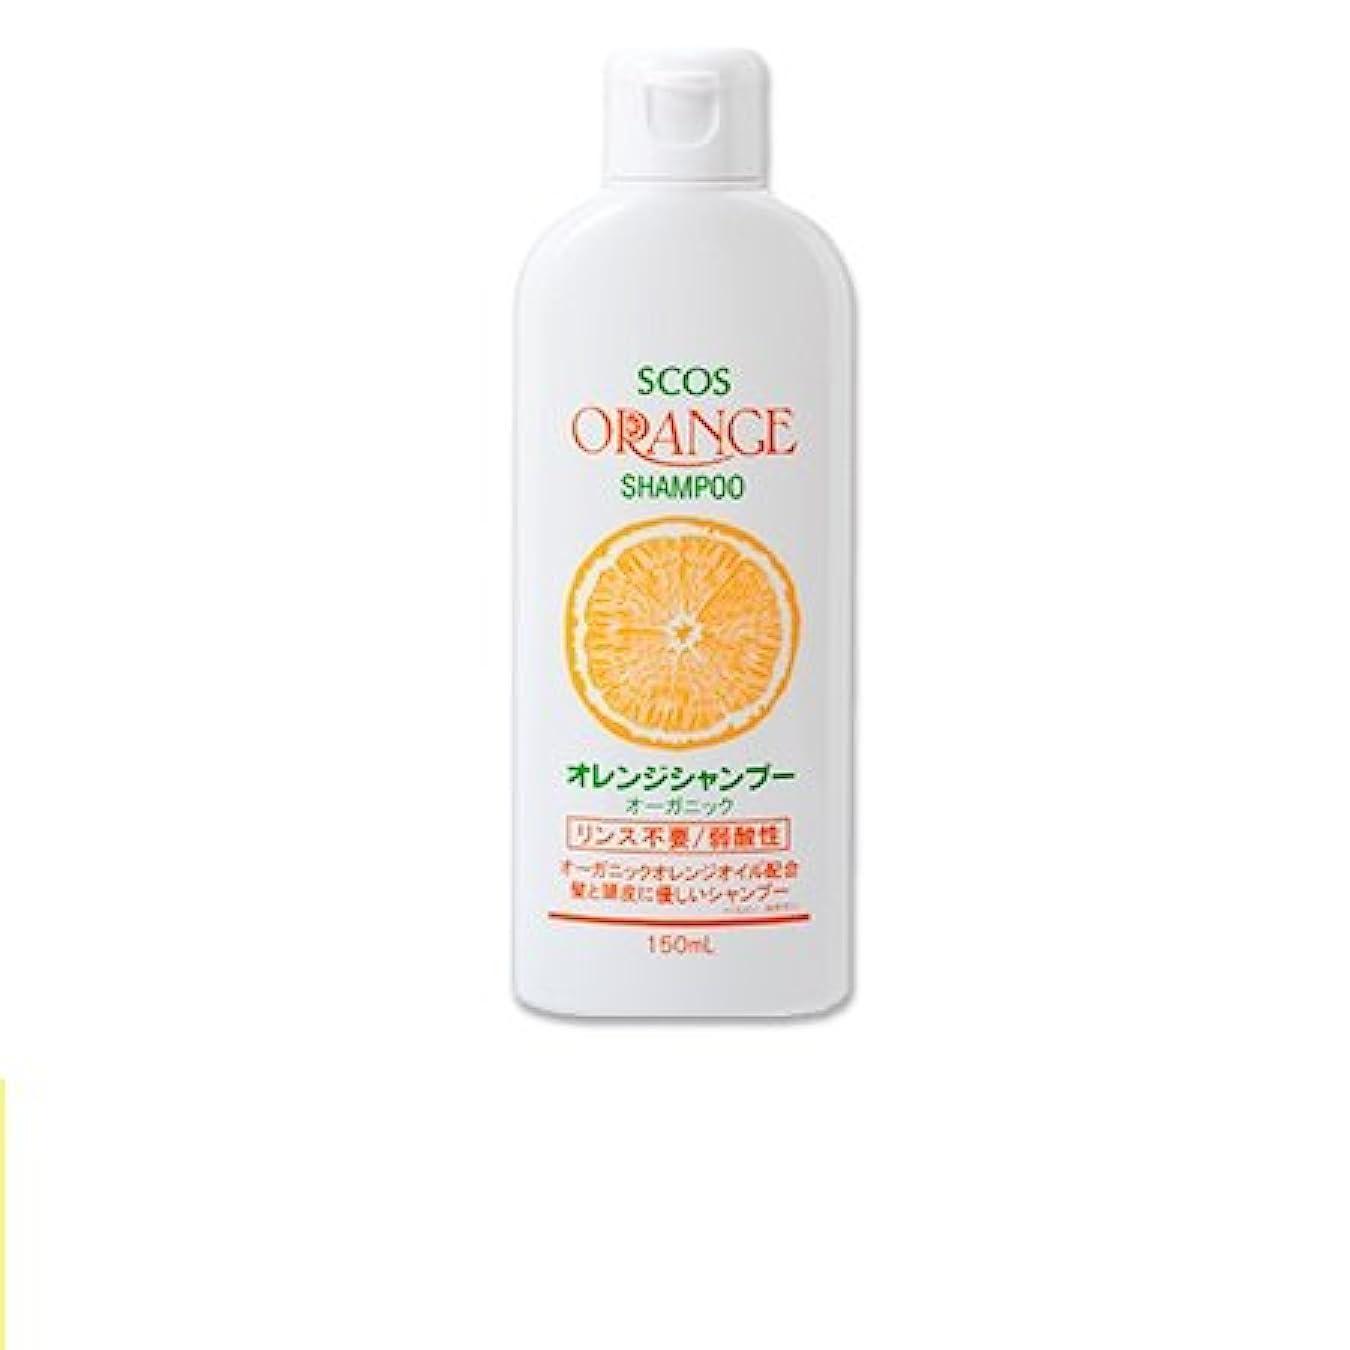 遊びます楽しいエチケットエスコス オレンジシャンプーオーガニック (150ml)